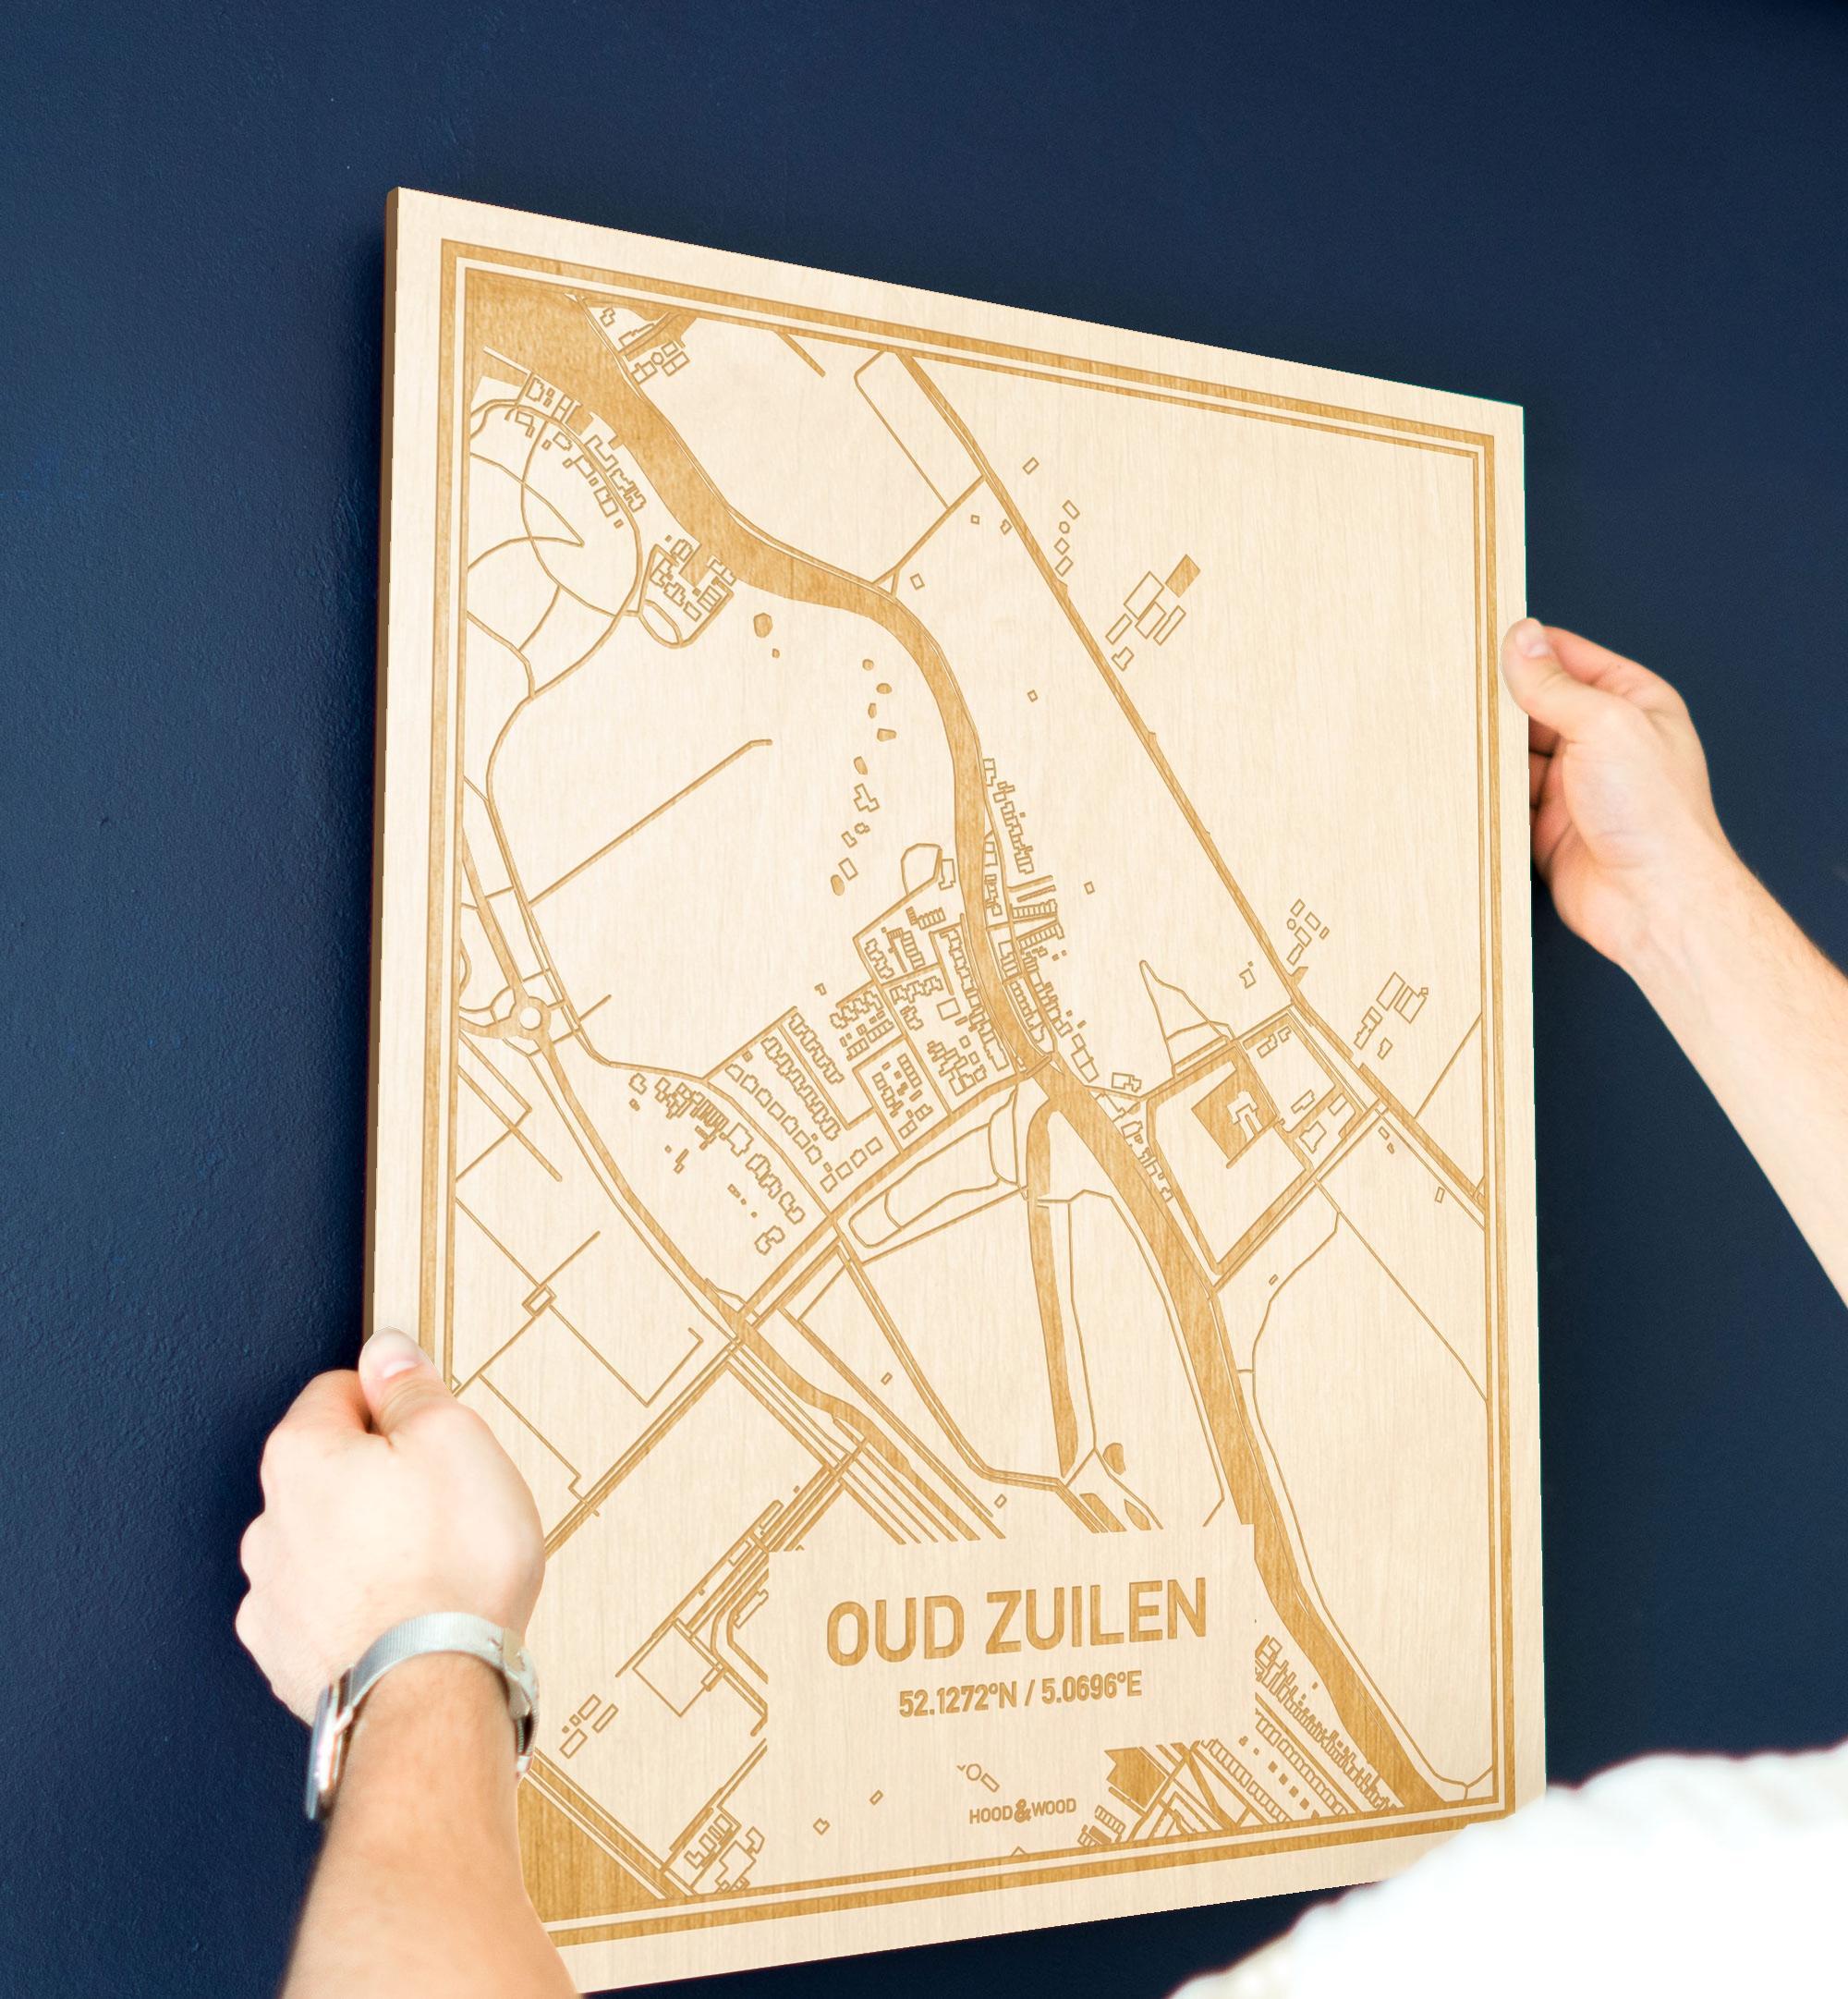 Een man hangt de houten plattegrond Oud Zuilen aan zijn blauwe muur ter decoratie. Je ziet alleen zijn handen de kaart van deze prachtige in Utrecht vasthouden.